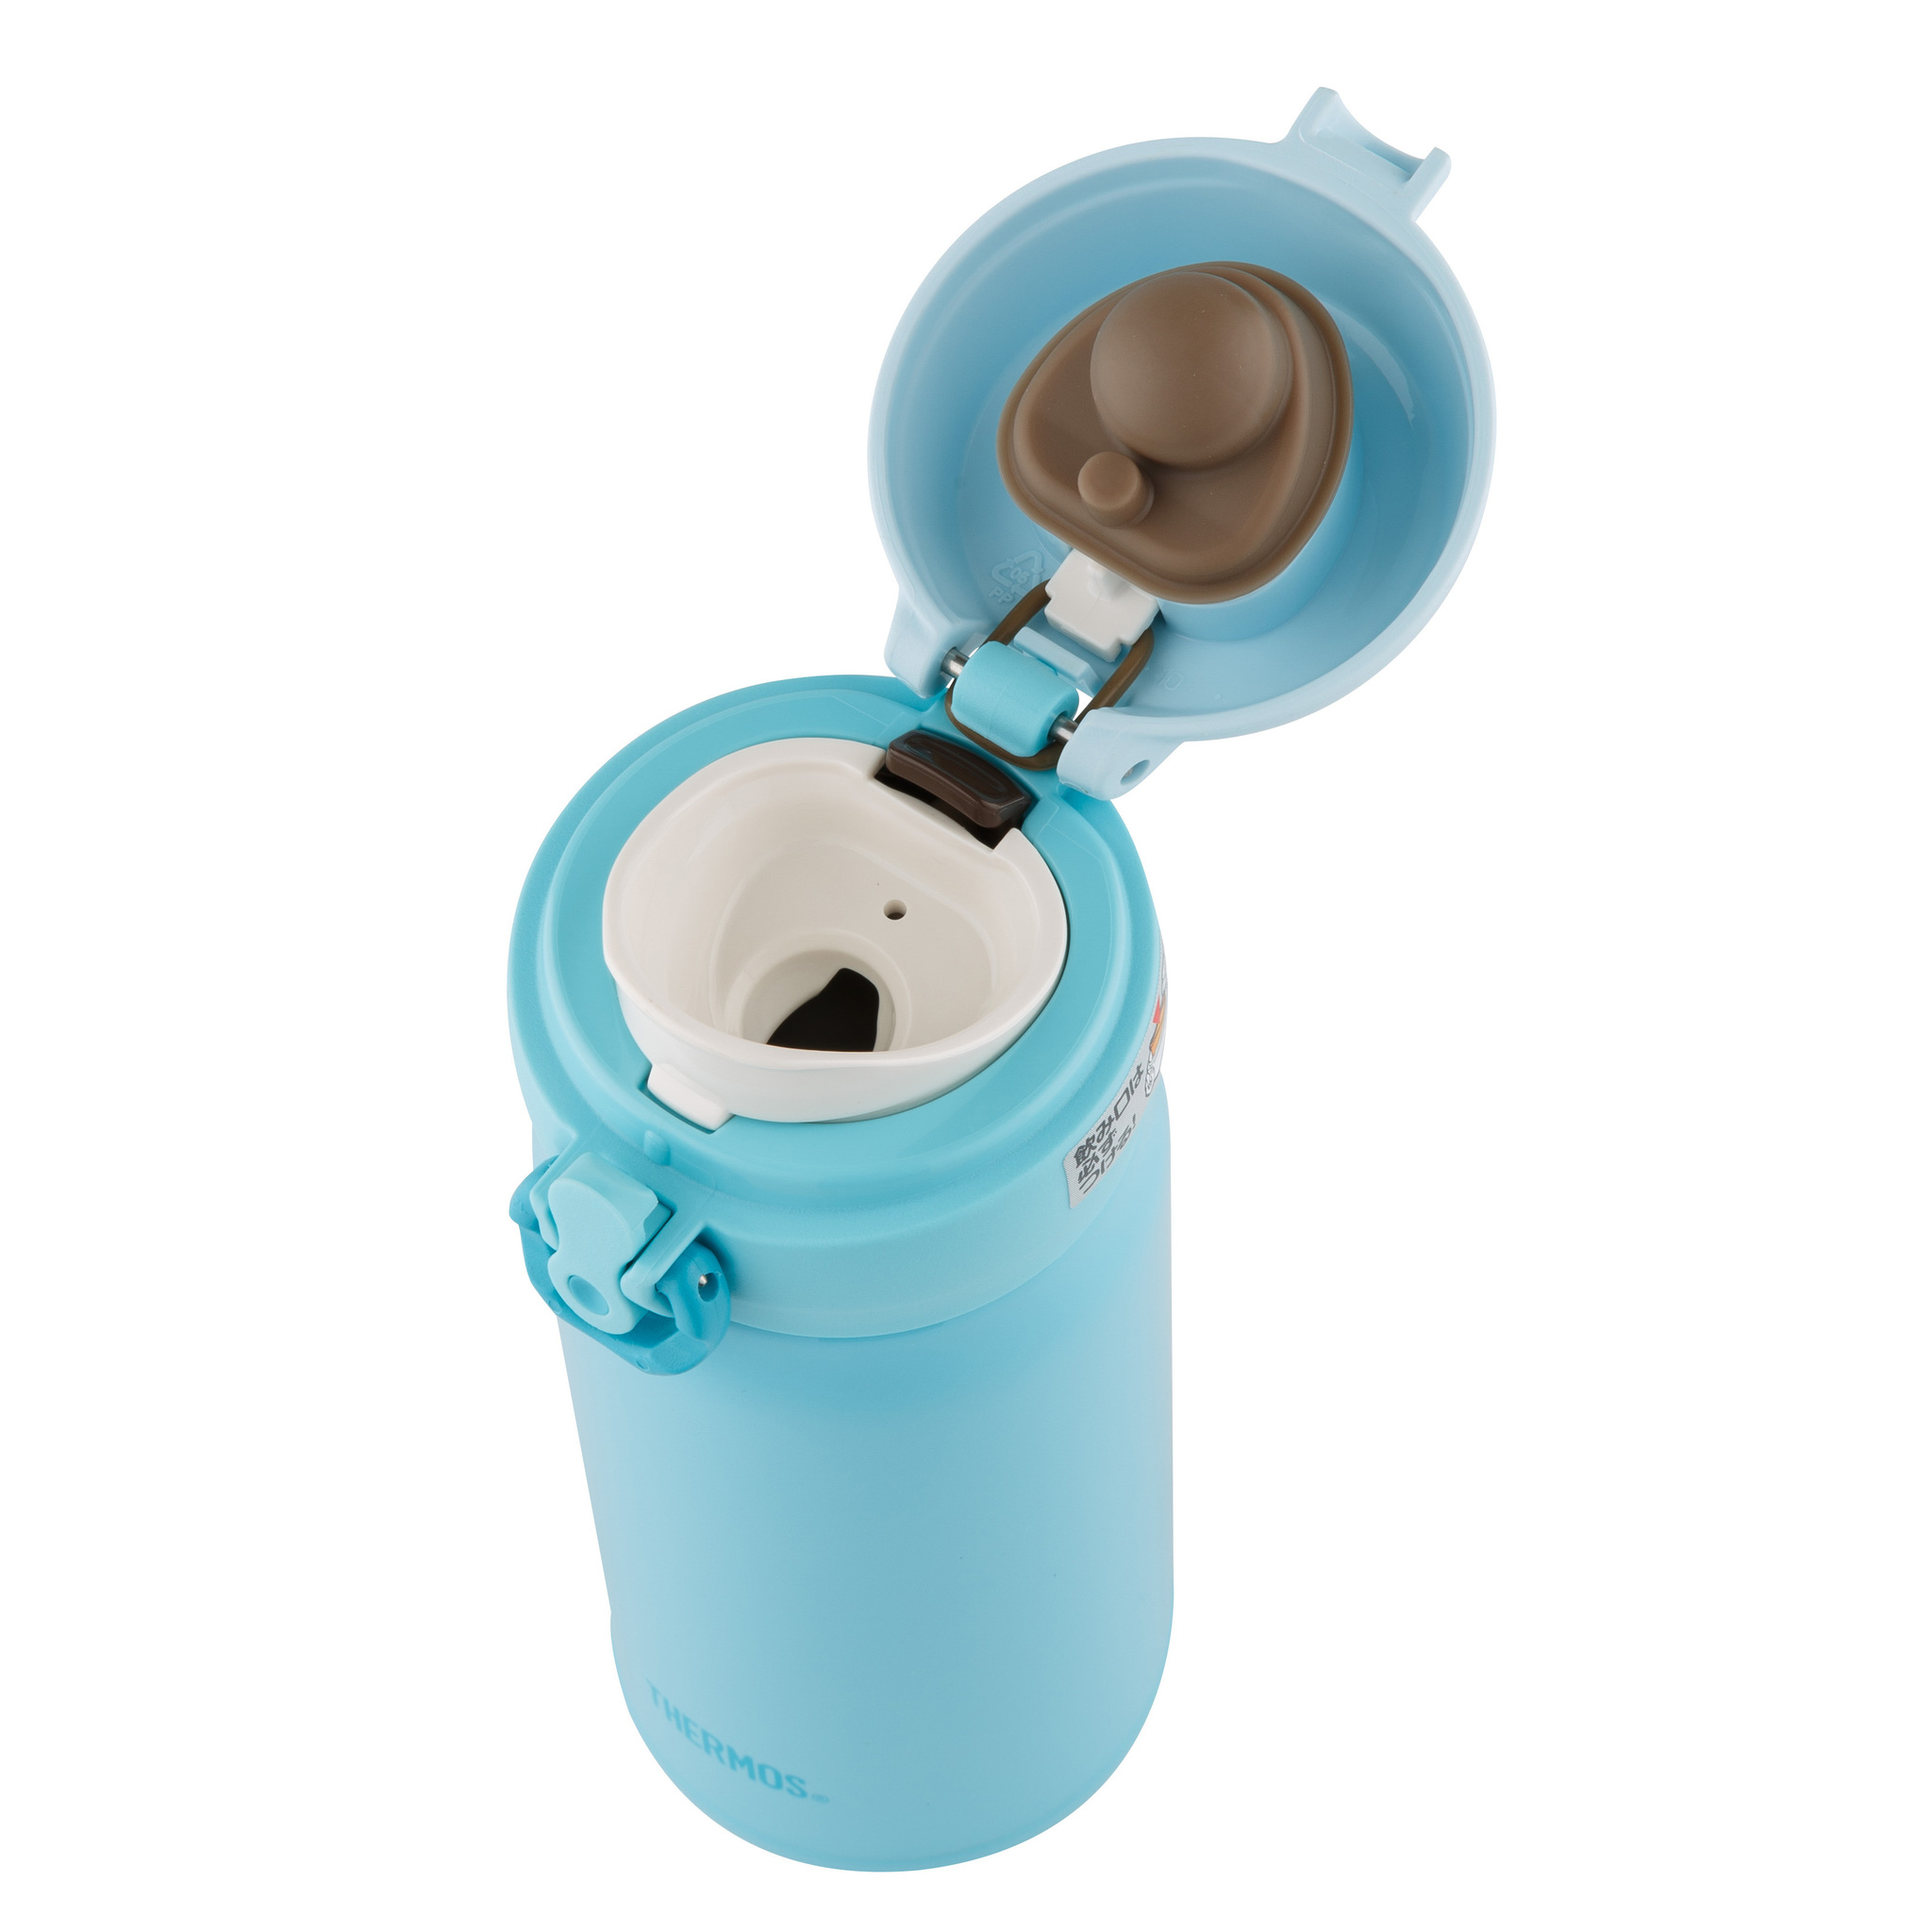 Термос Thermos JNL-352-SKY суперлегкий, (0,35 литра), голубой